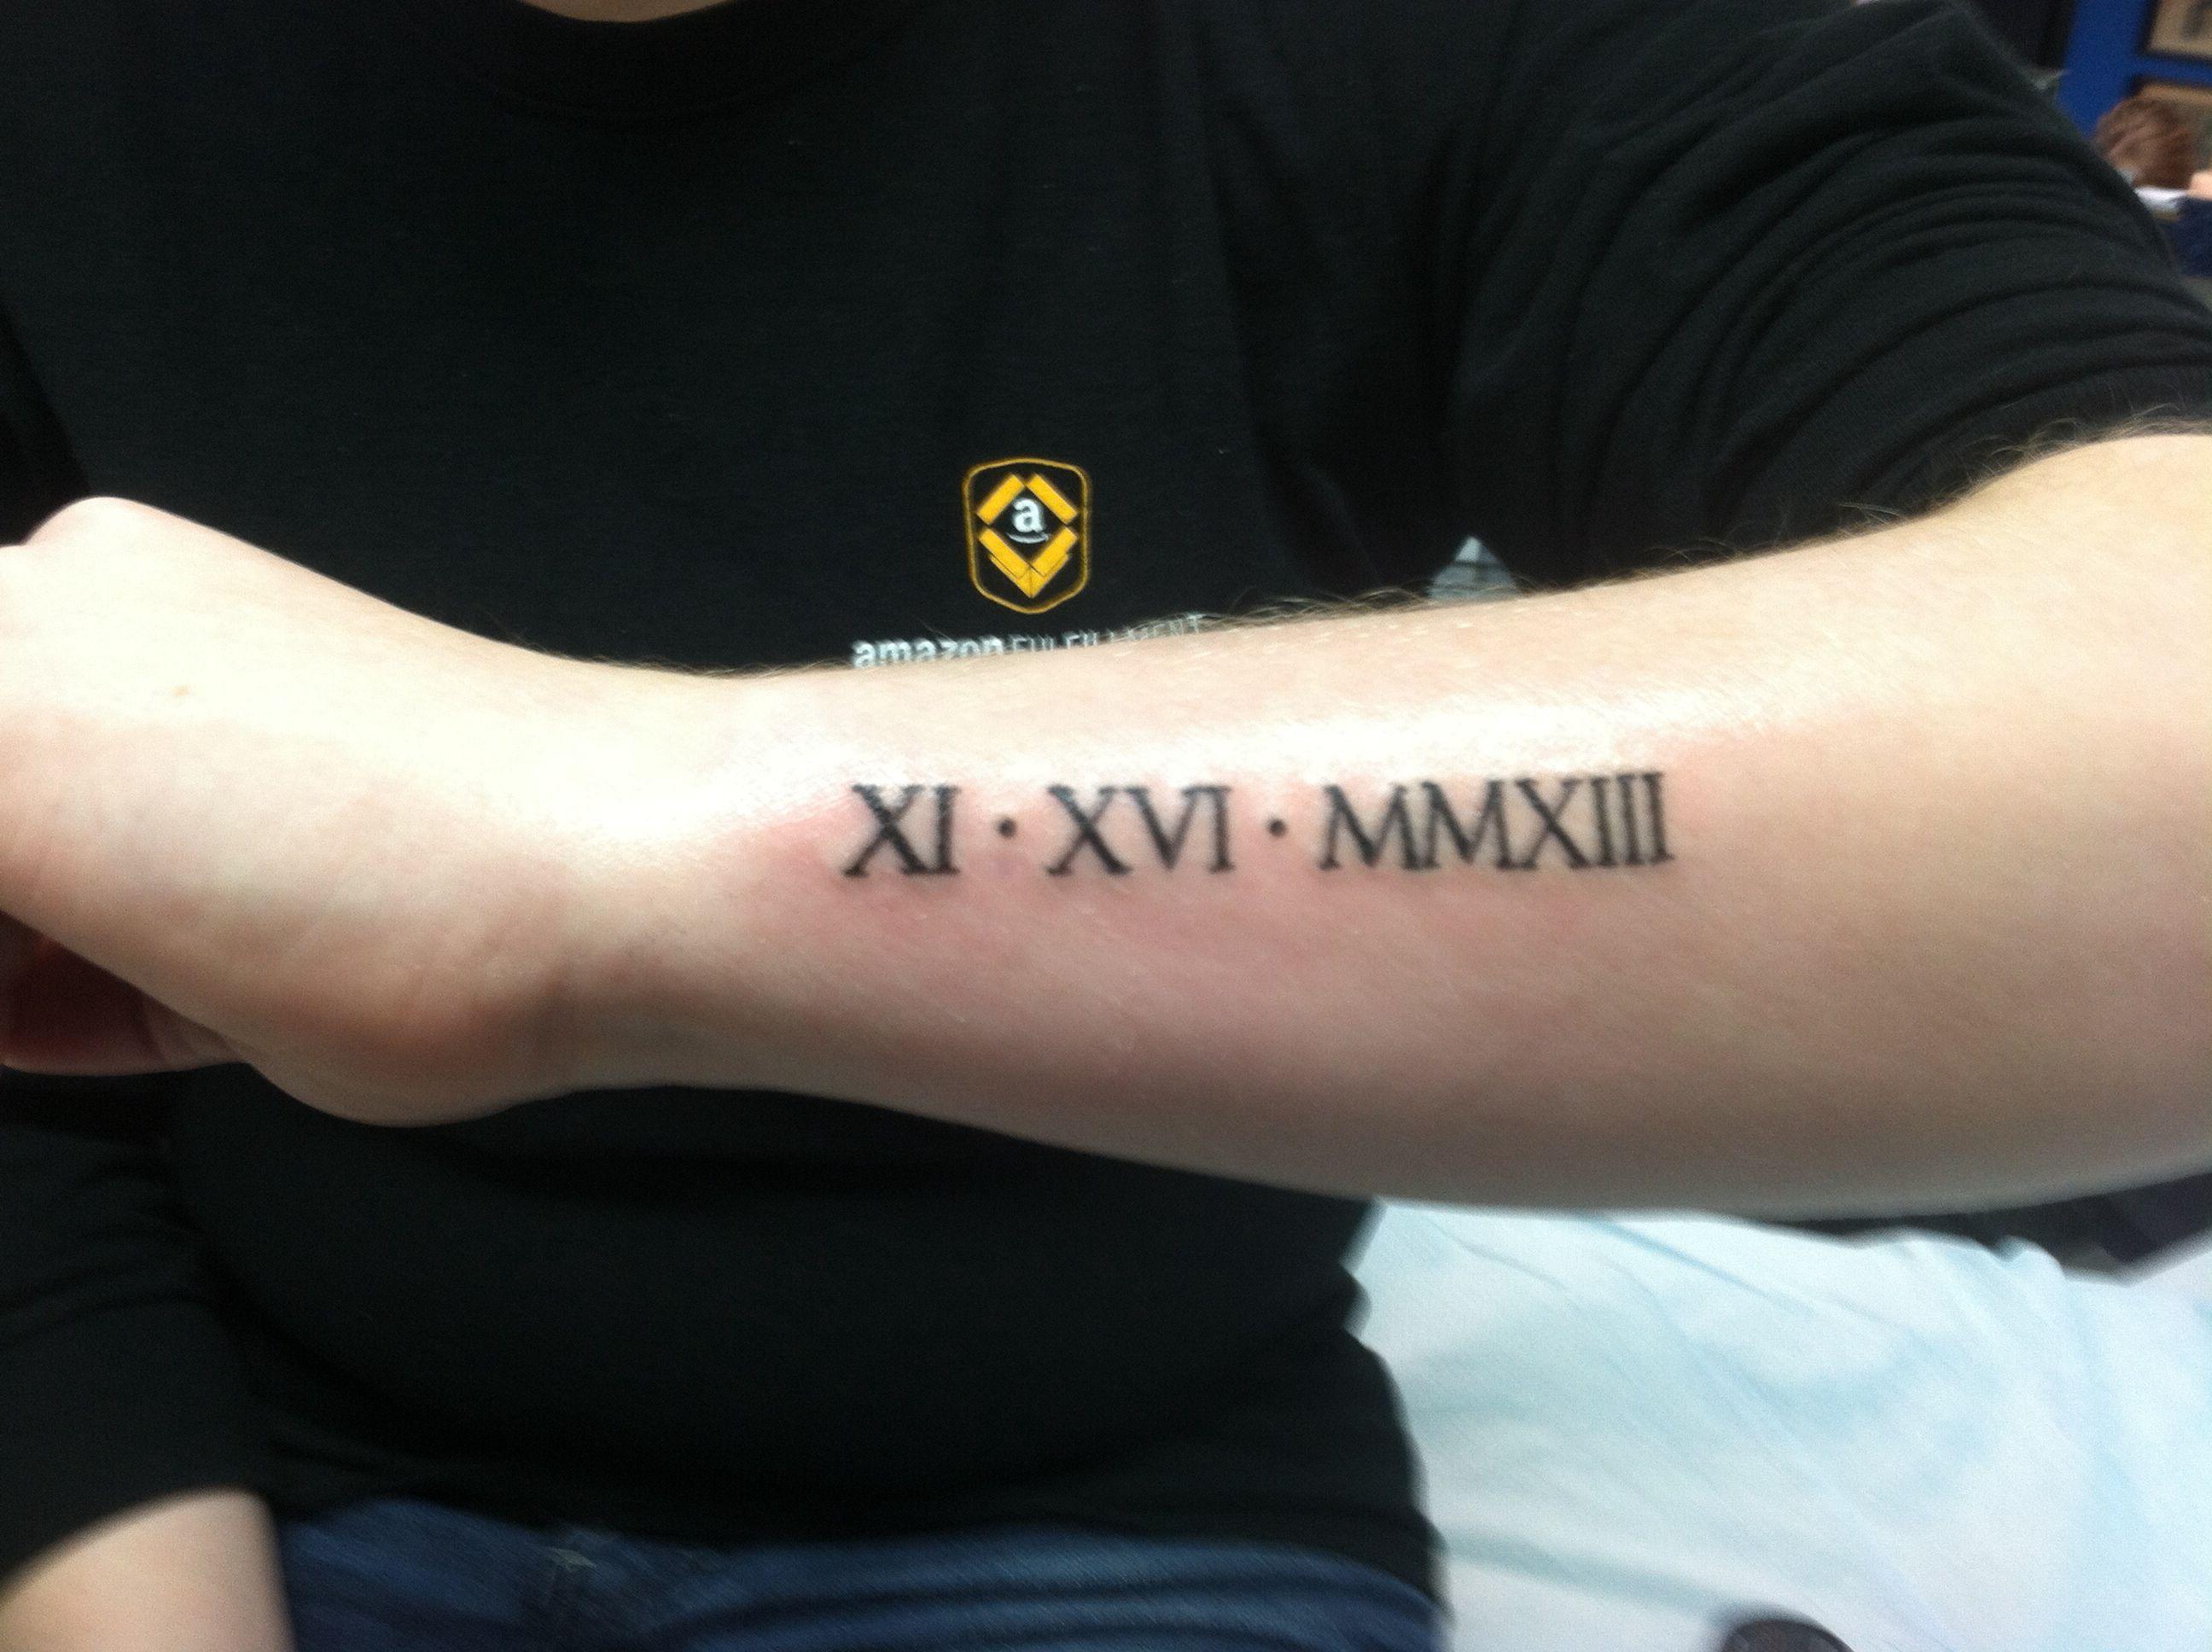 Roman Numeral Tattoos Font: Roman Numerals Tattoo Of Ian's Birthday On My Arm.